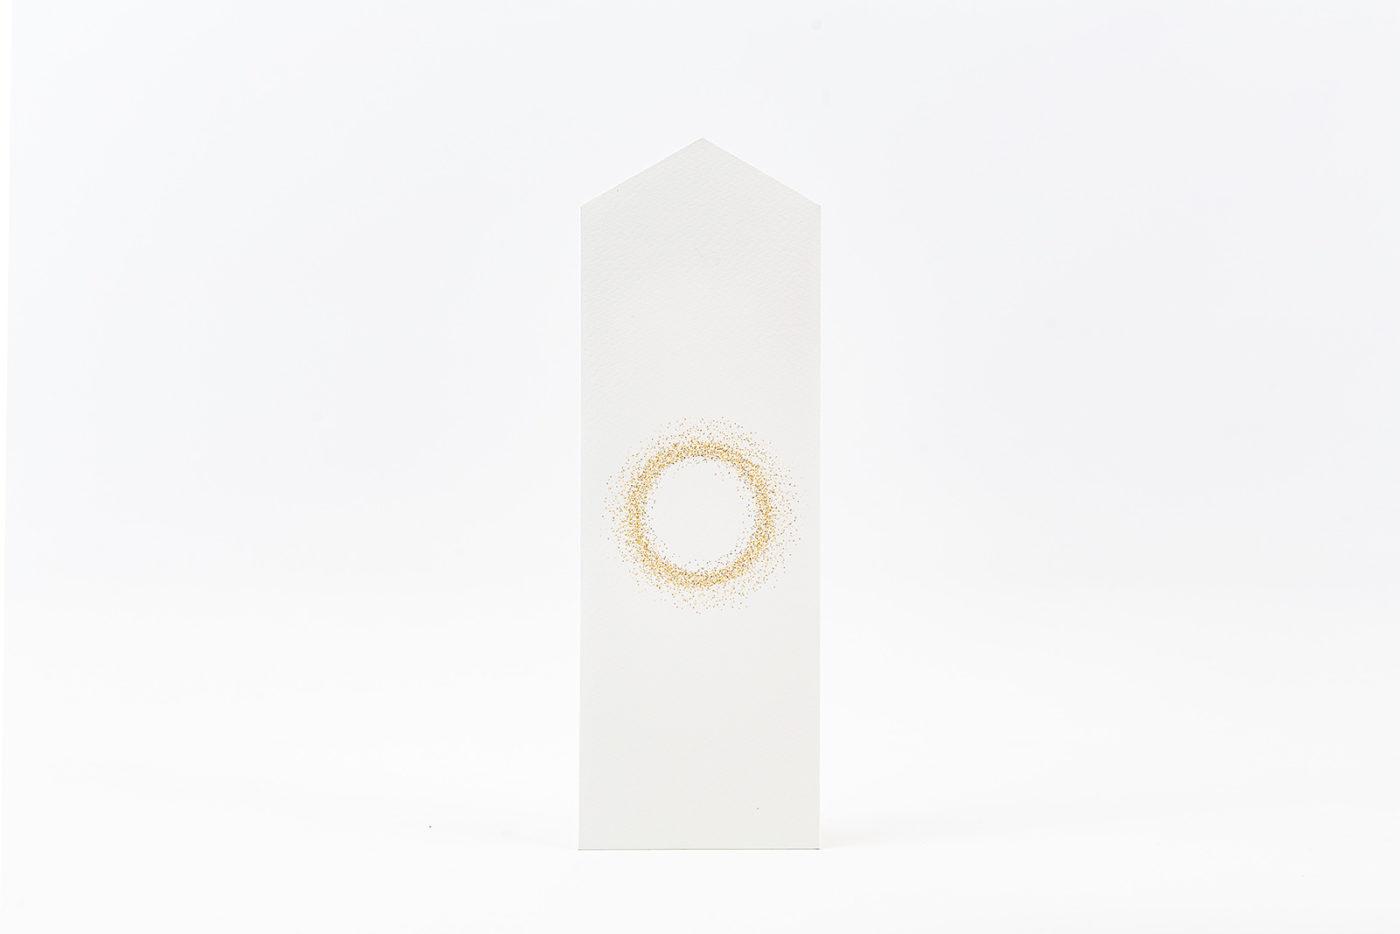 太陽をイメージした美しい金の円。ゴールデンサークル。